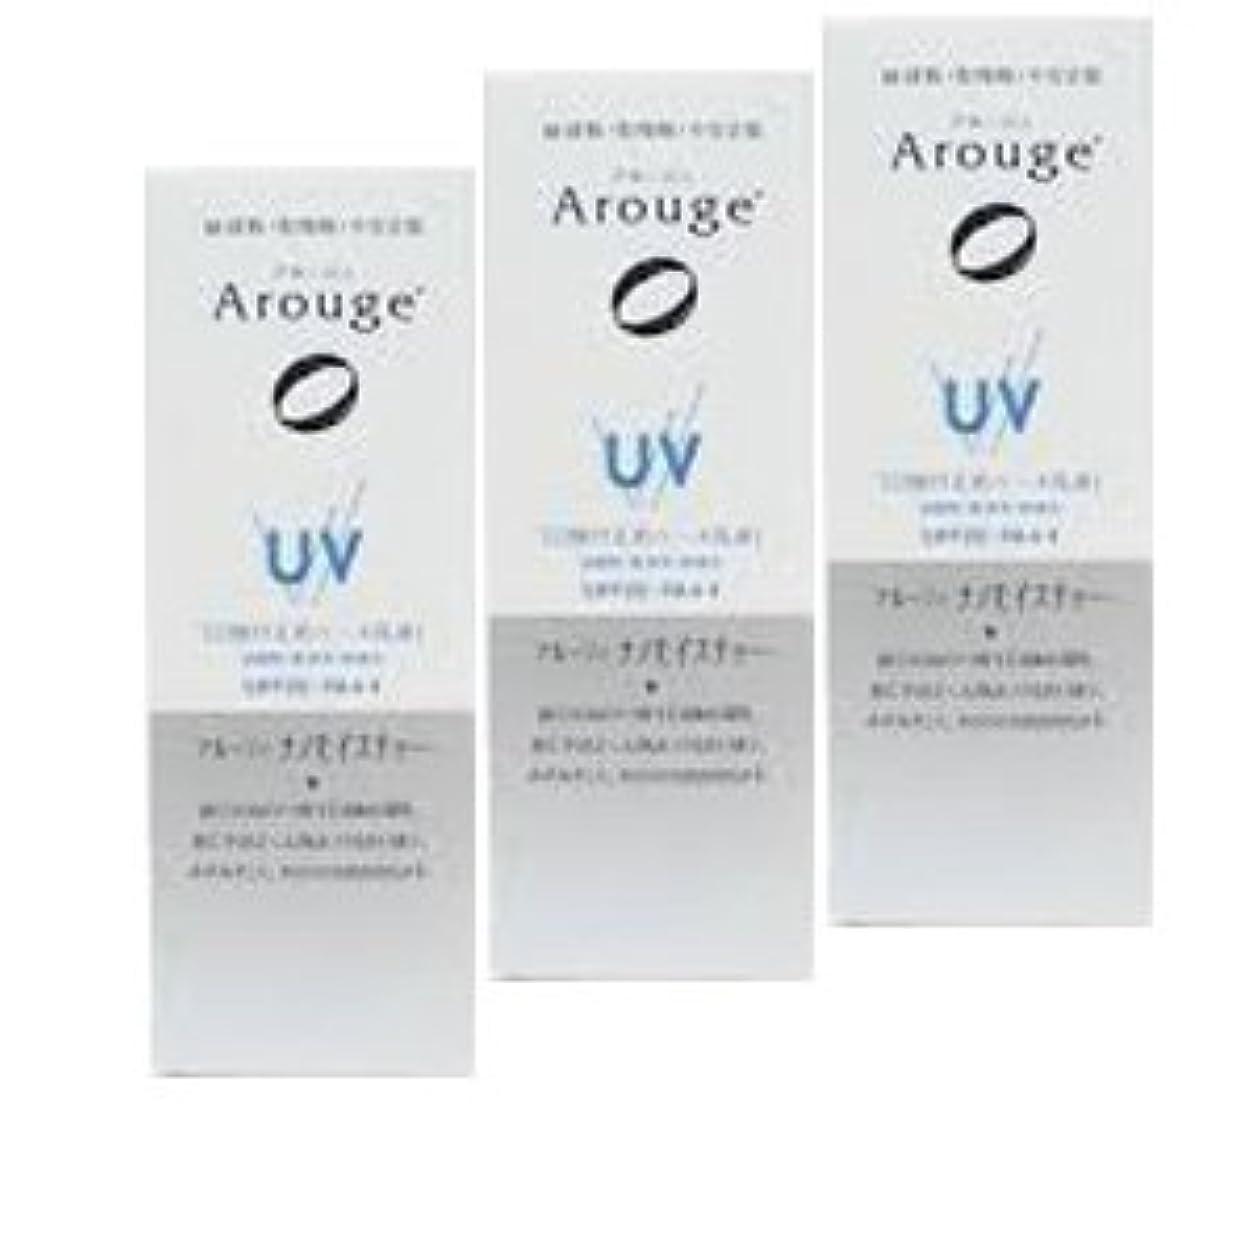 【3個】アルージェ UVモイストビューティーアップ 25gx3個(4987305951519)